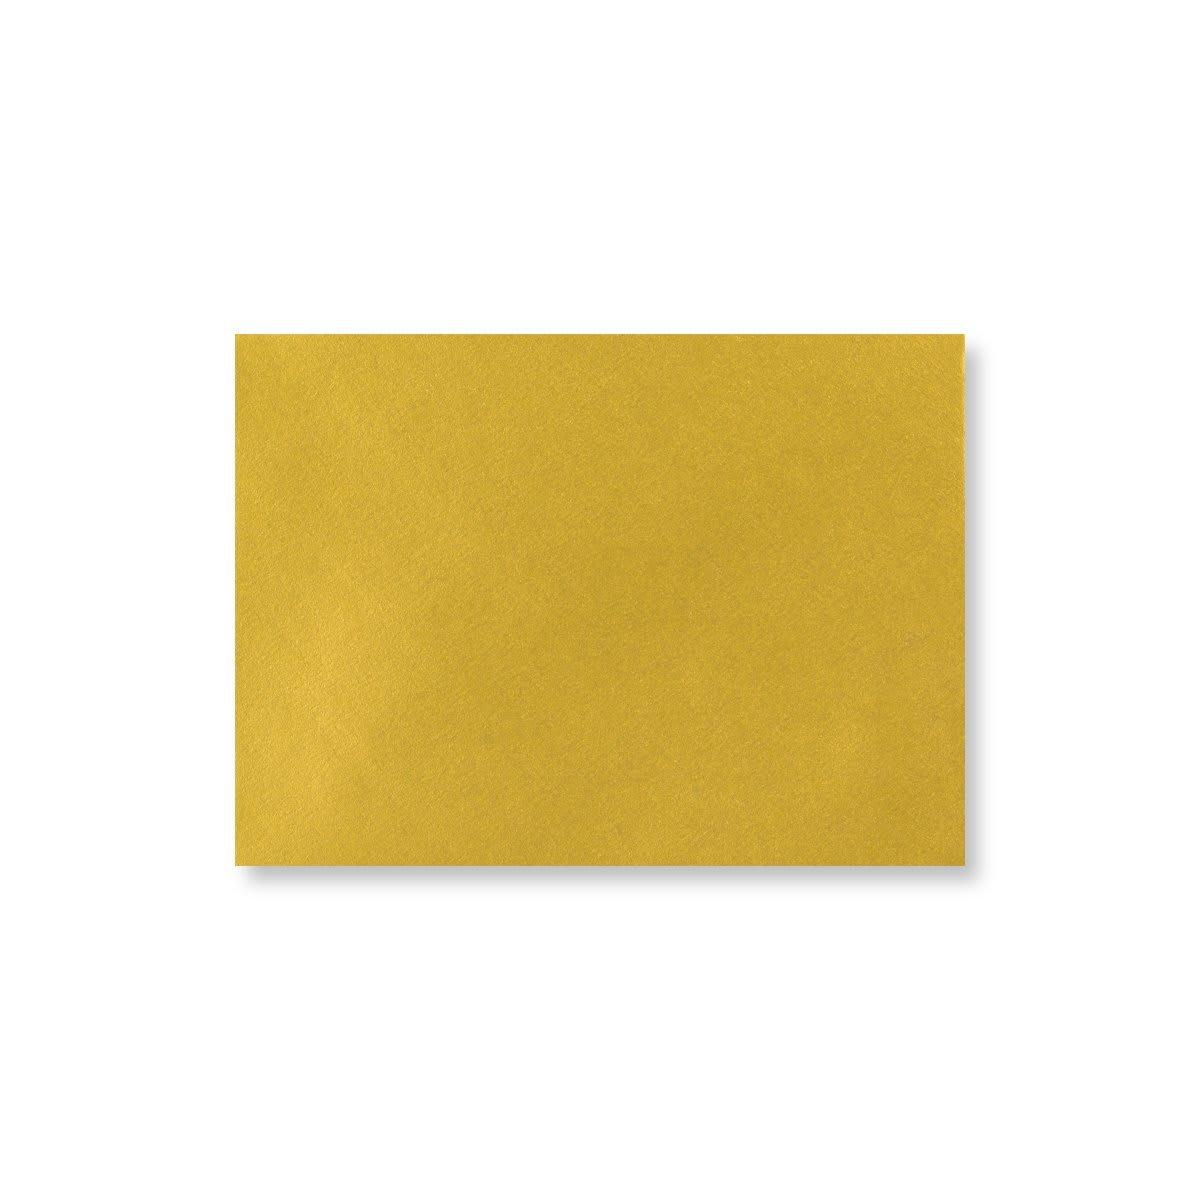 C7 METALLIC GOLD ENVELOPES